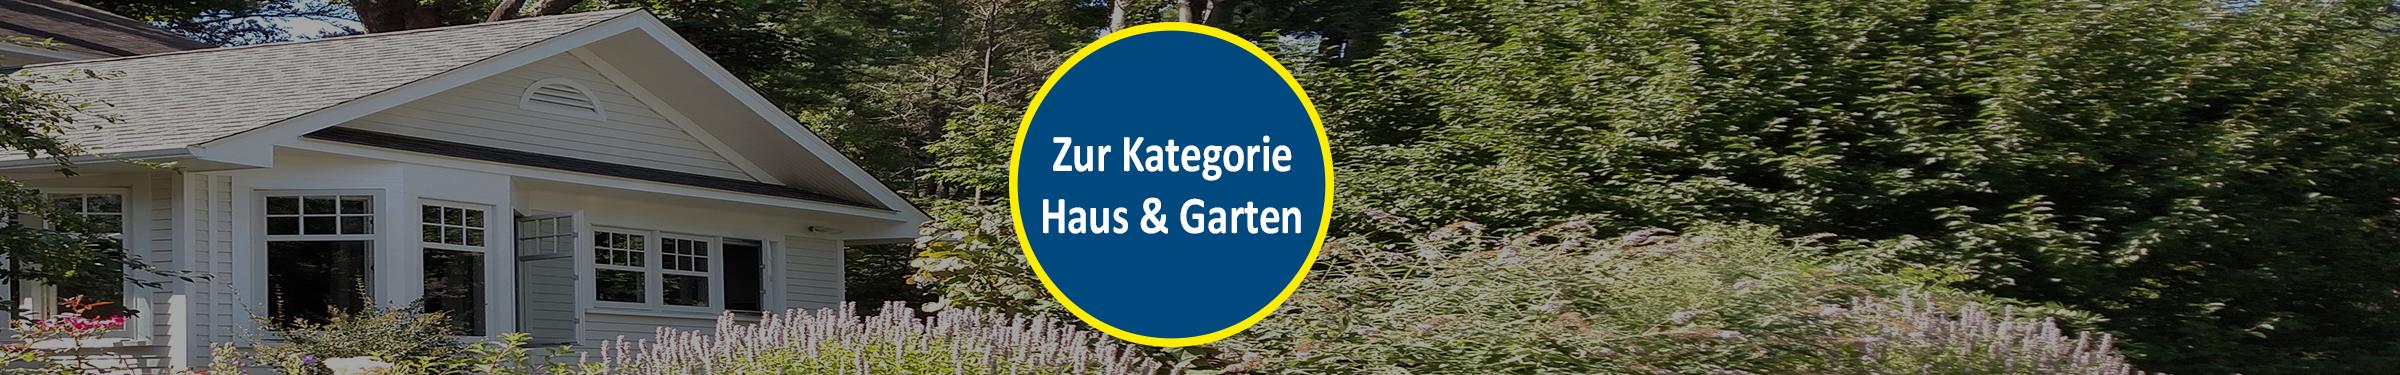 Kategorie Haus und Garten auf General Tester